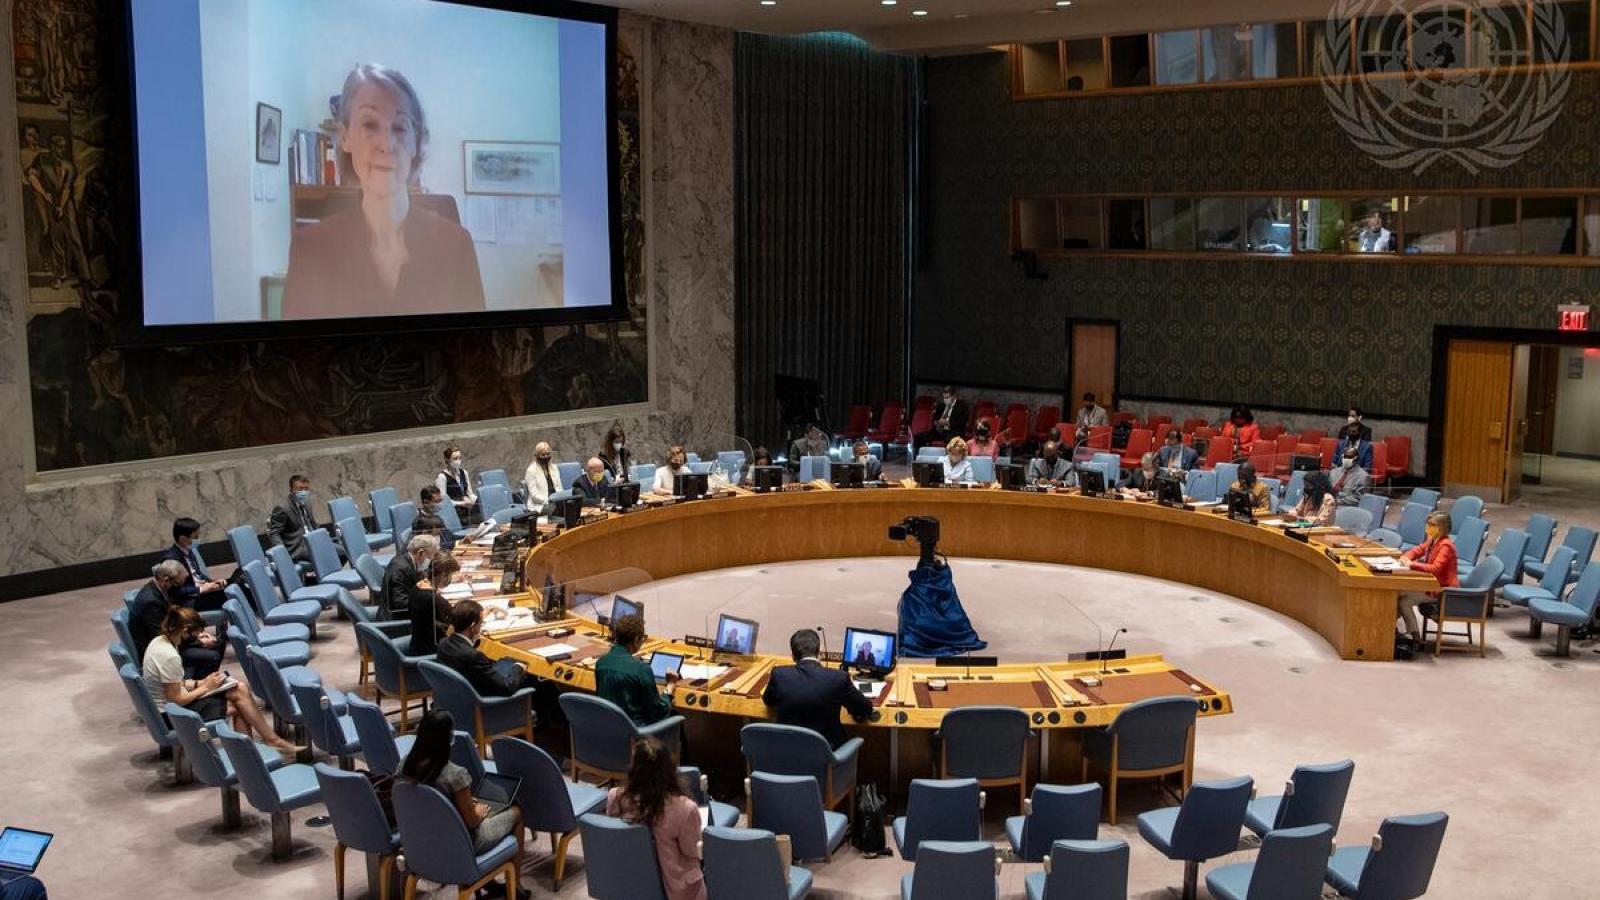 Hội đồng Bảo an đánh giá hiệu quả hoạt động sau 15 tháng bị tác động bởi COVID-19